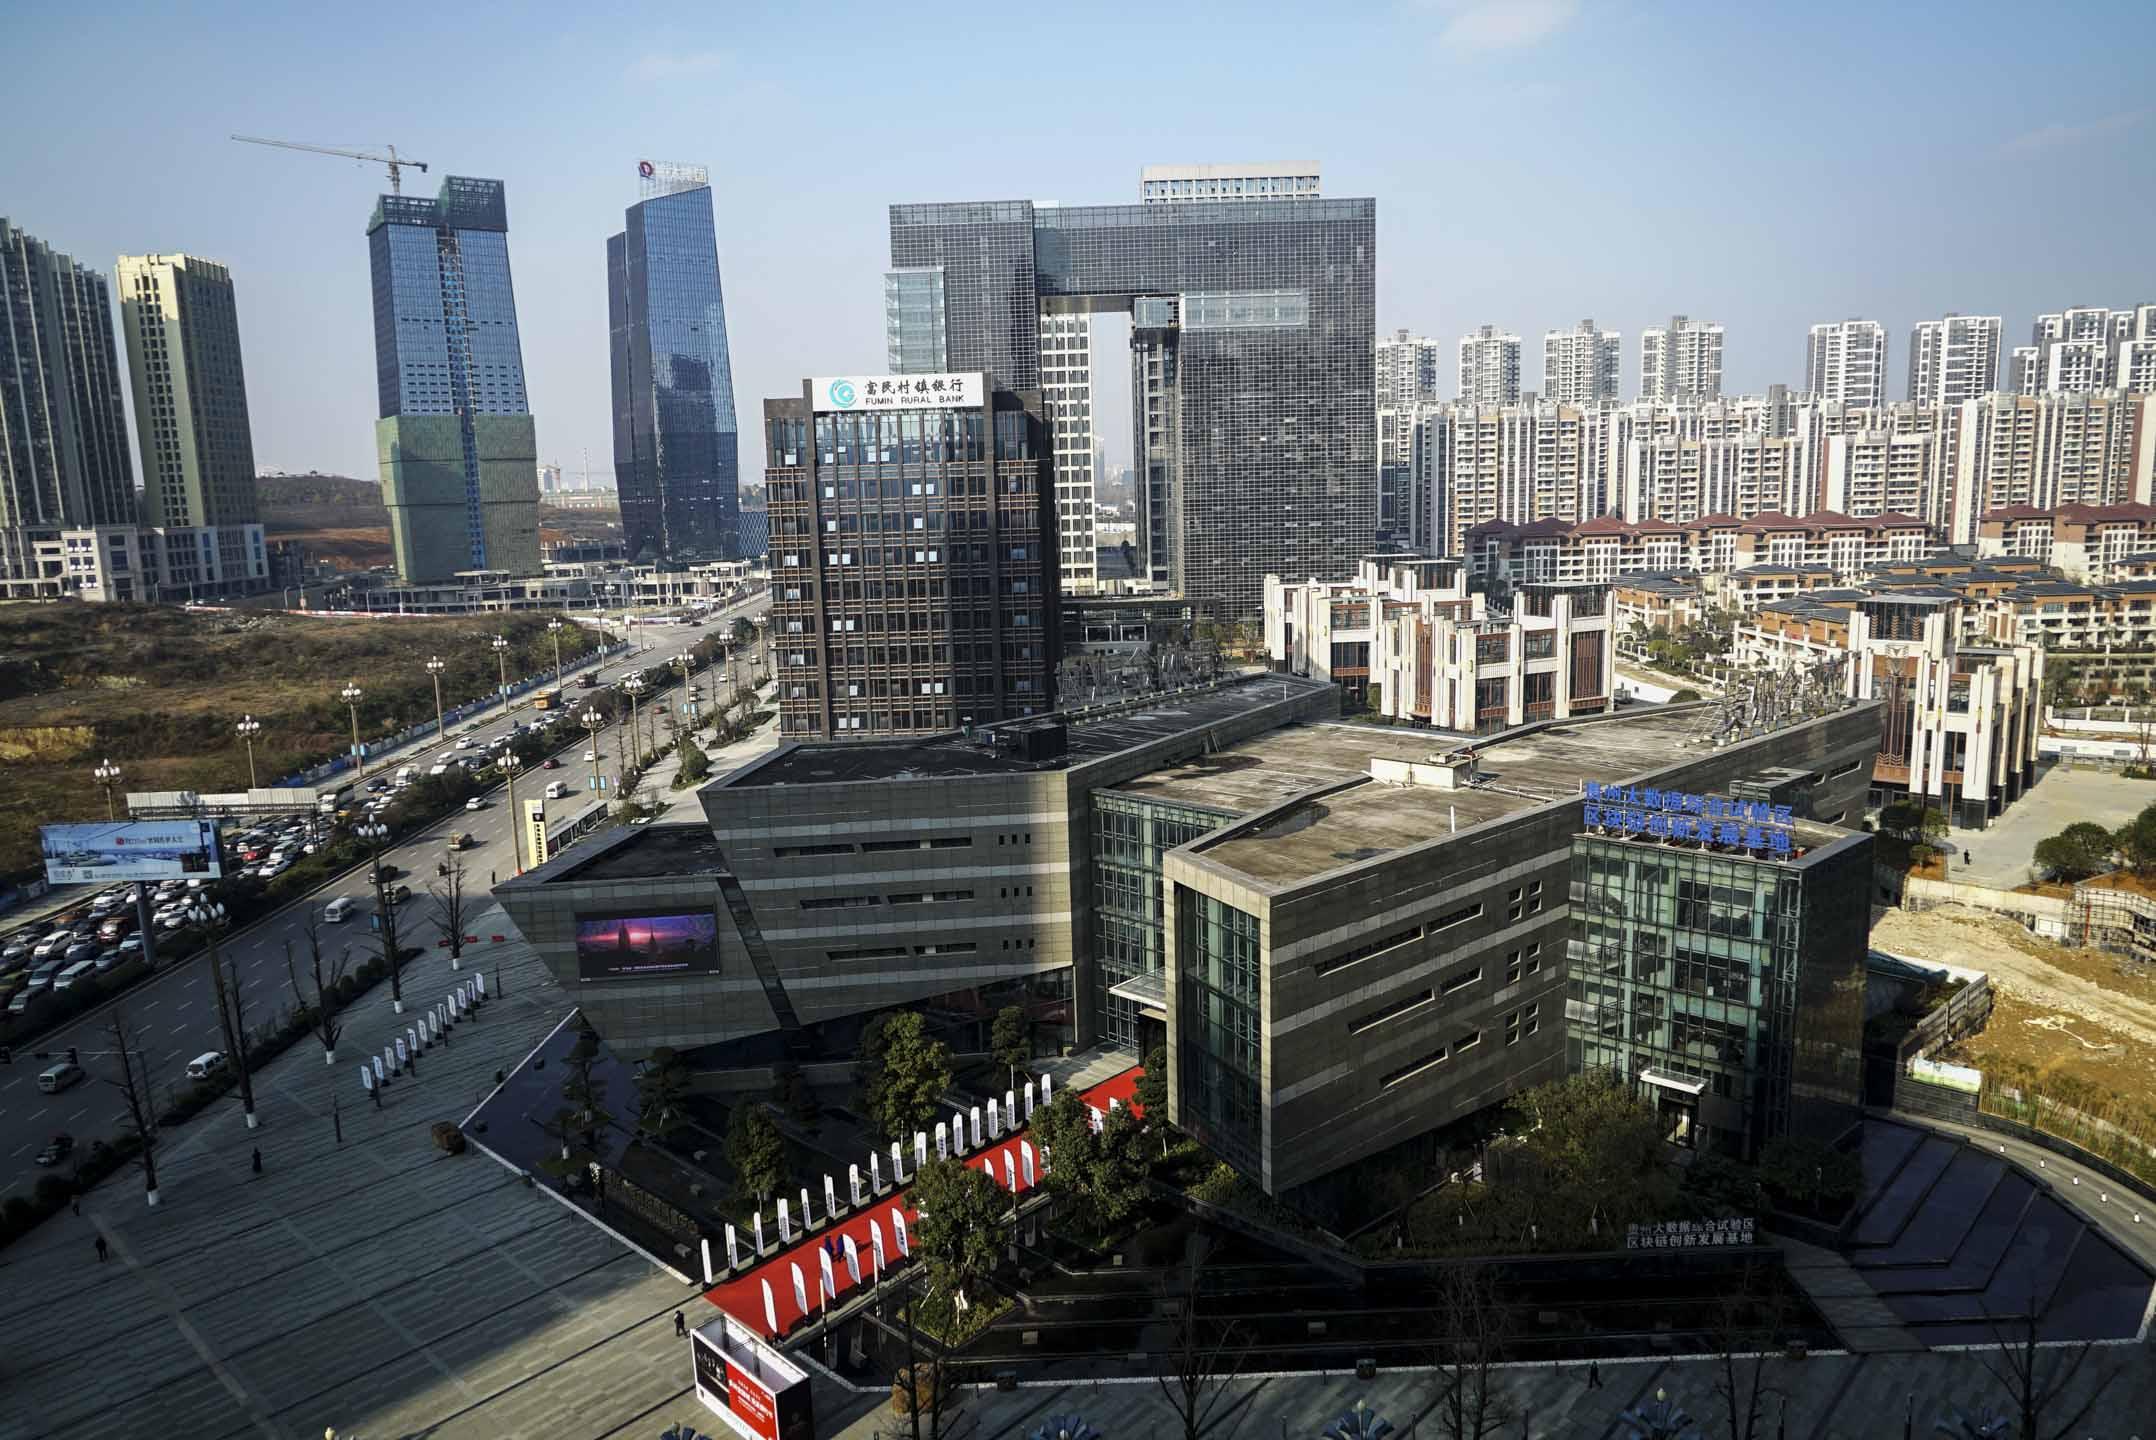 中國內陸省份貴州,近年開始探索以大數據產業作為突破口發展經濟。圖為貴州大數據綜合試驗區展示中心。 攝:彭麗勇/端傳媒